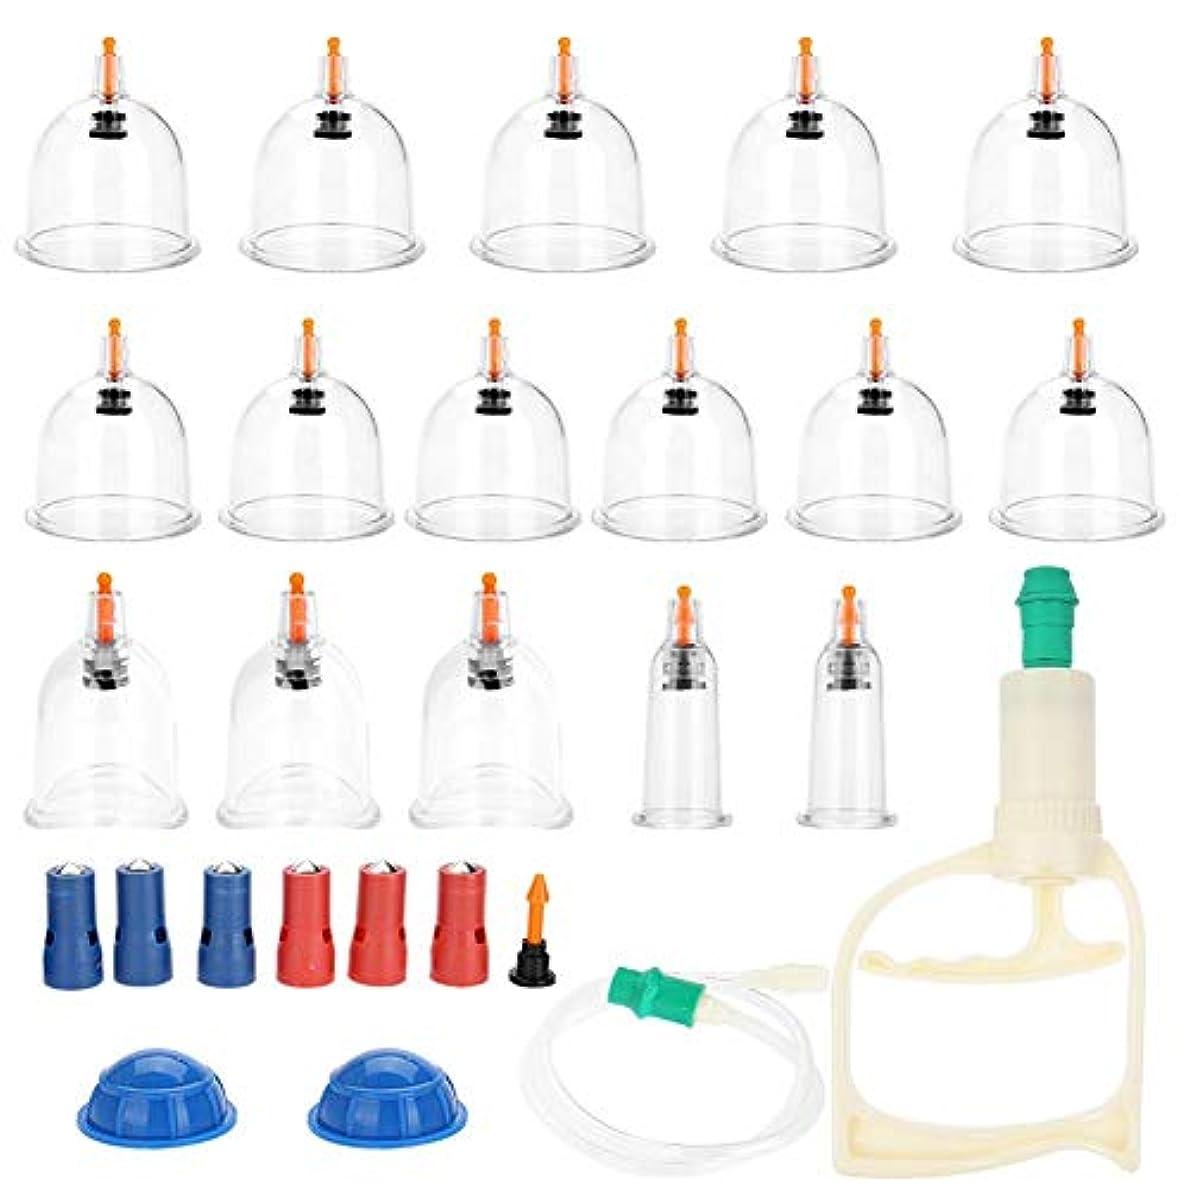 登場ほぼ飾るカッピング - Delaman cupping、吸い玉カップ、真空吸引カッピングキット、マッサージカッピングセット、グリップハンド 真空ポンプ